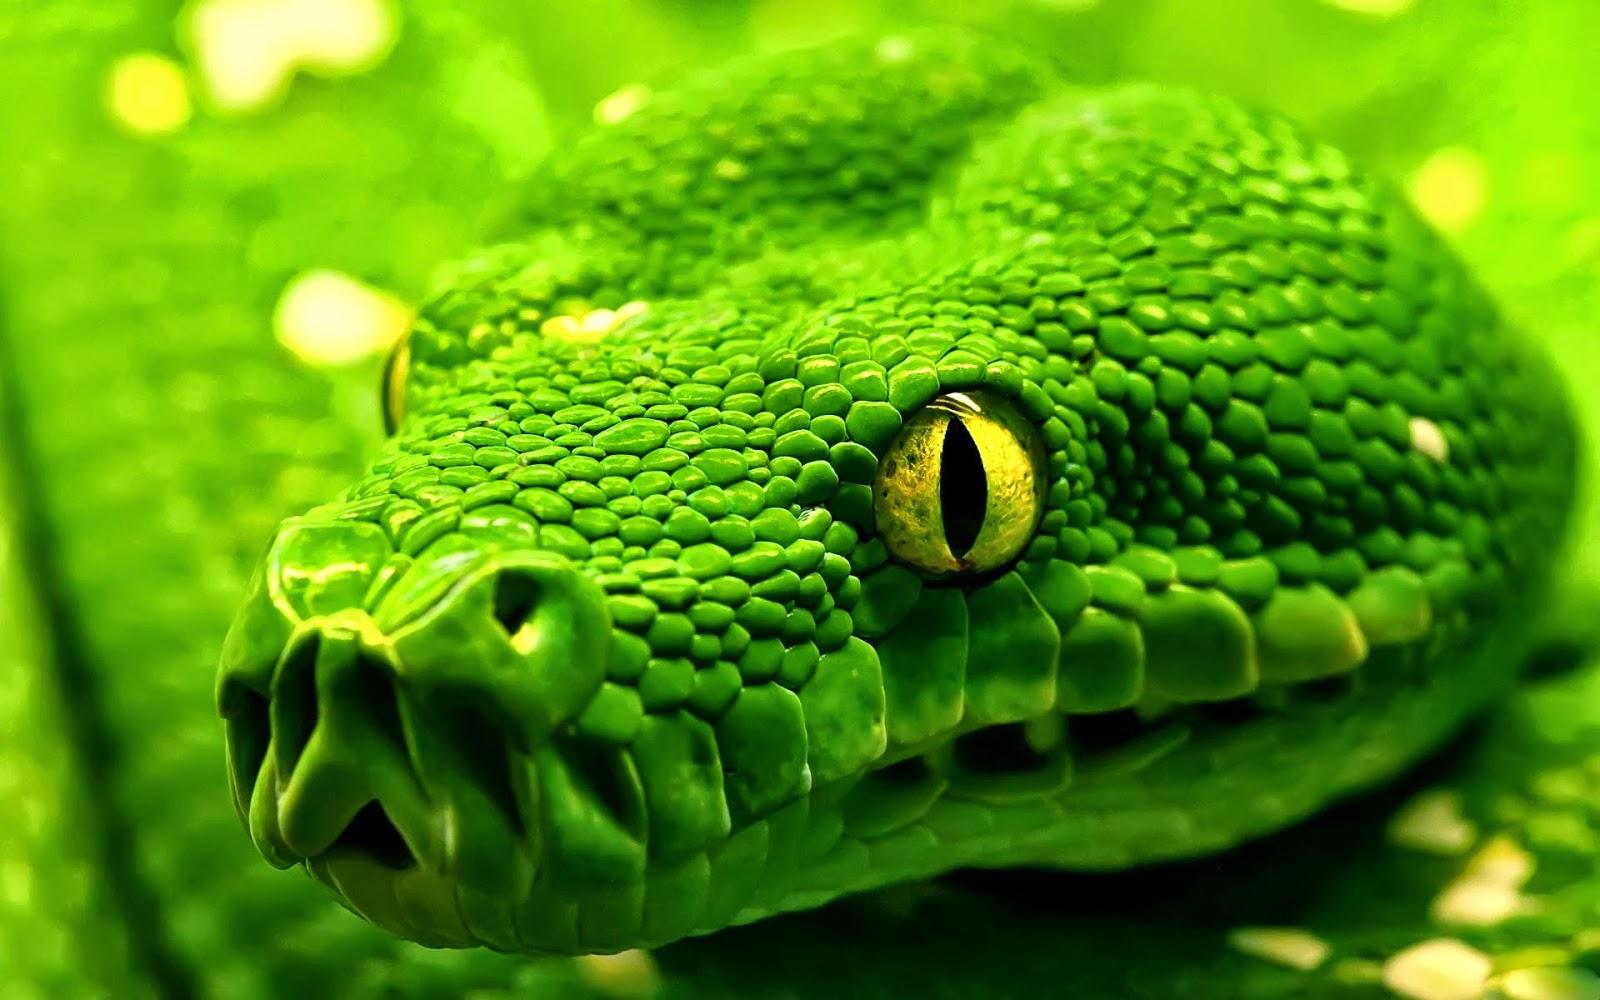 Klucznik Wąż Symbolika Lodołamacze